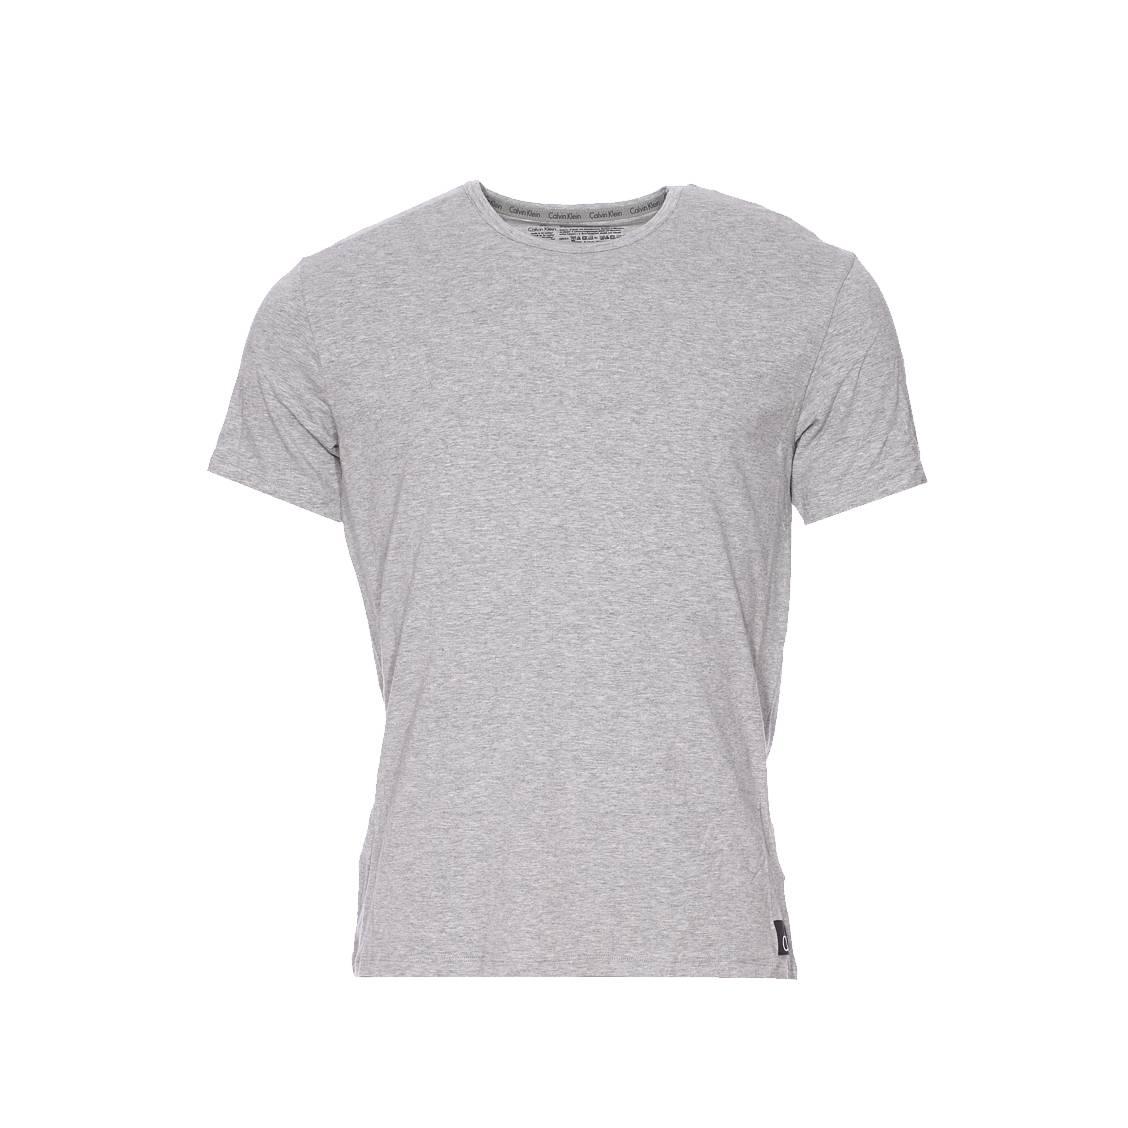 Tee-shirt calvin klein en coton stretch gris